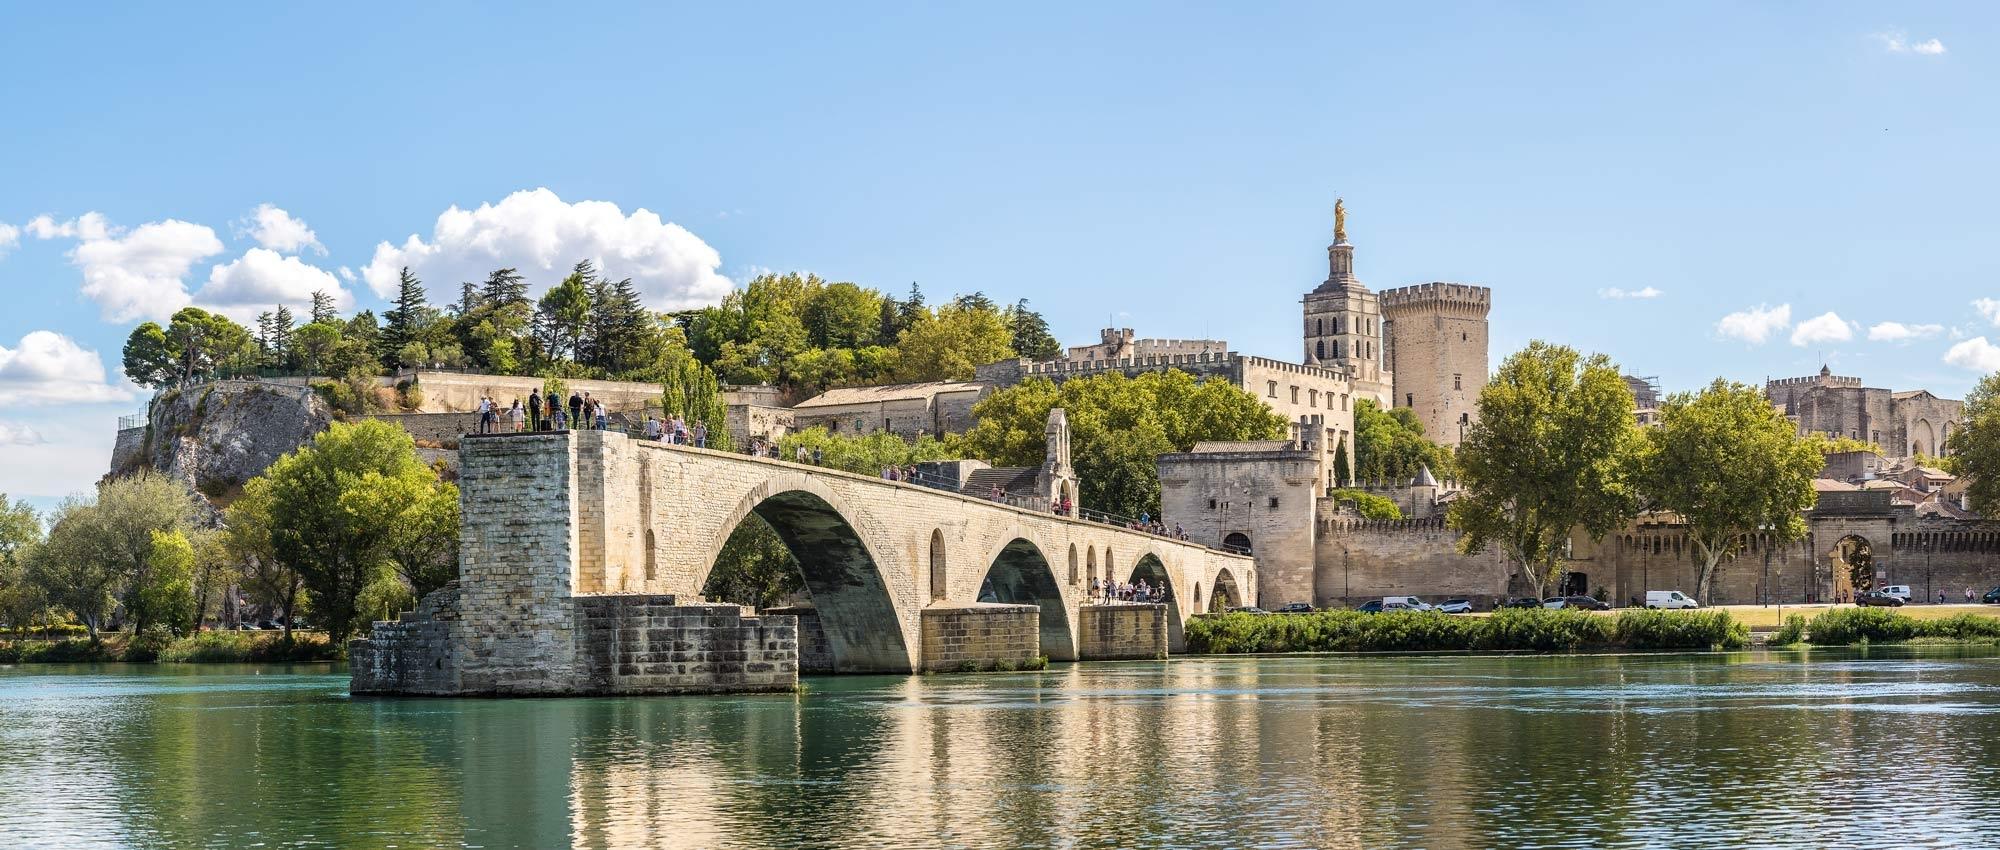 Mini hire in Provence